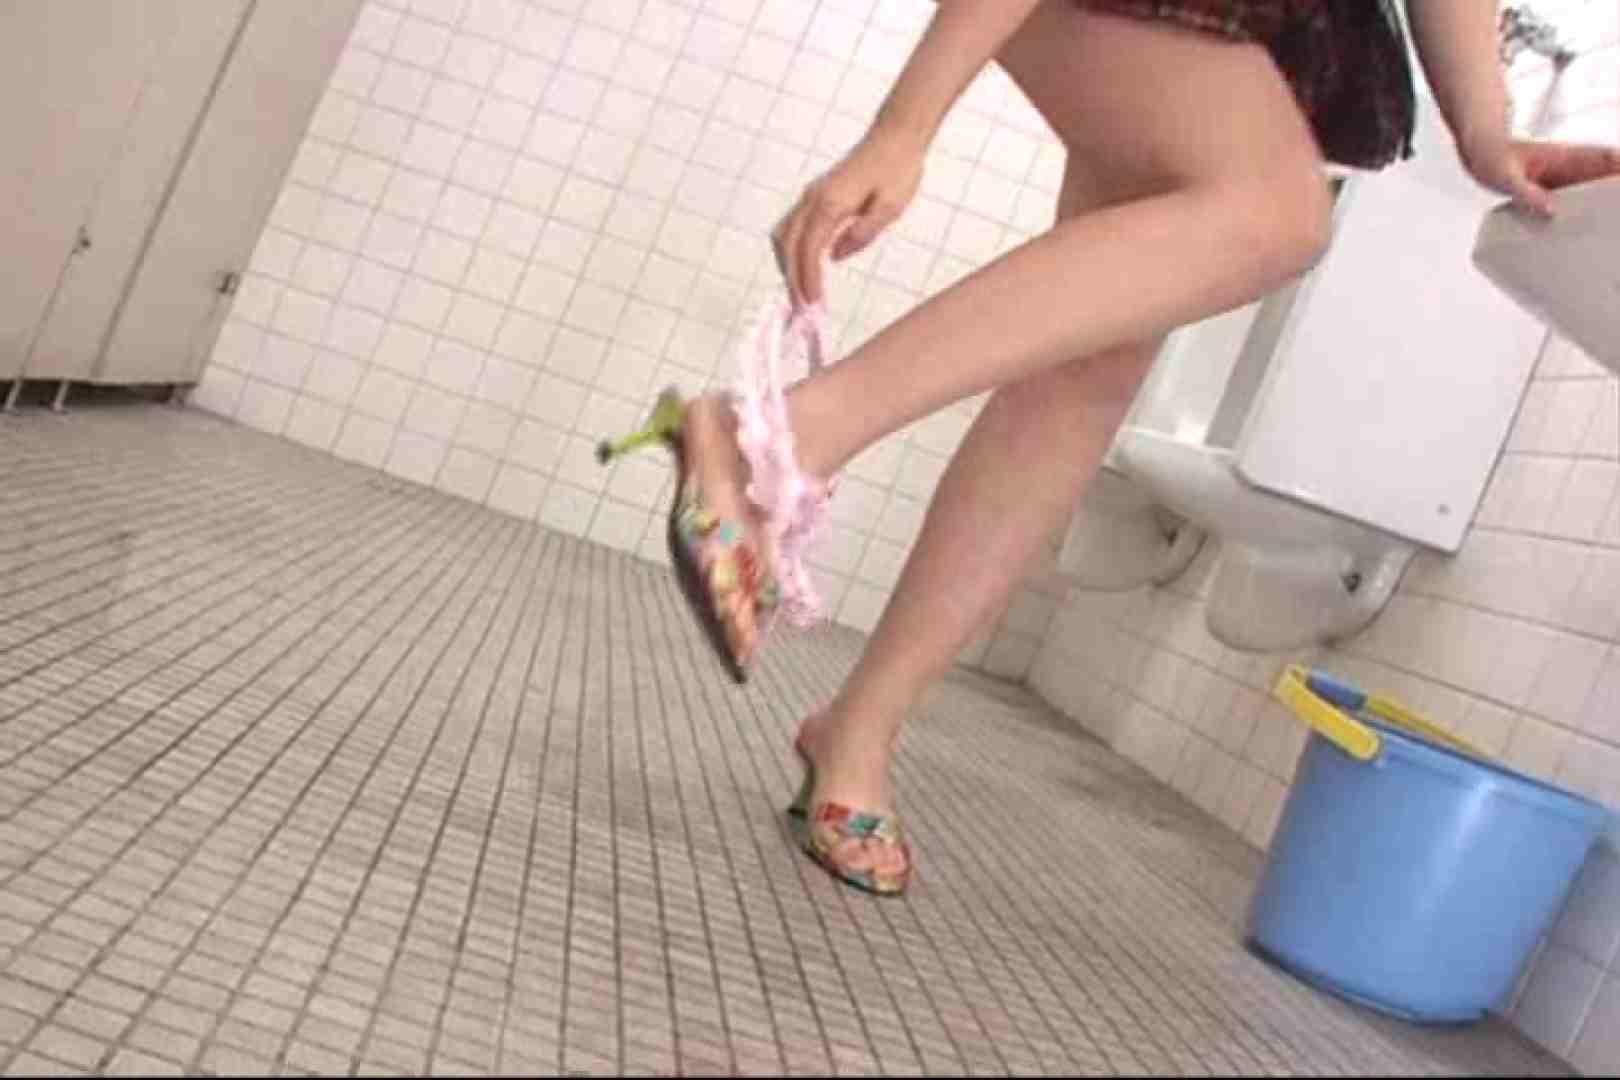 雑居ビル洗面所只今使用禁止中!Vol.5 OLセックス 覗きおまんこ画像 50画像 50